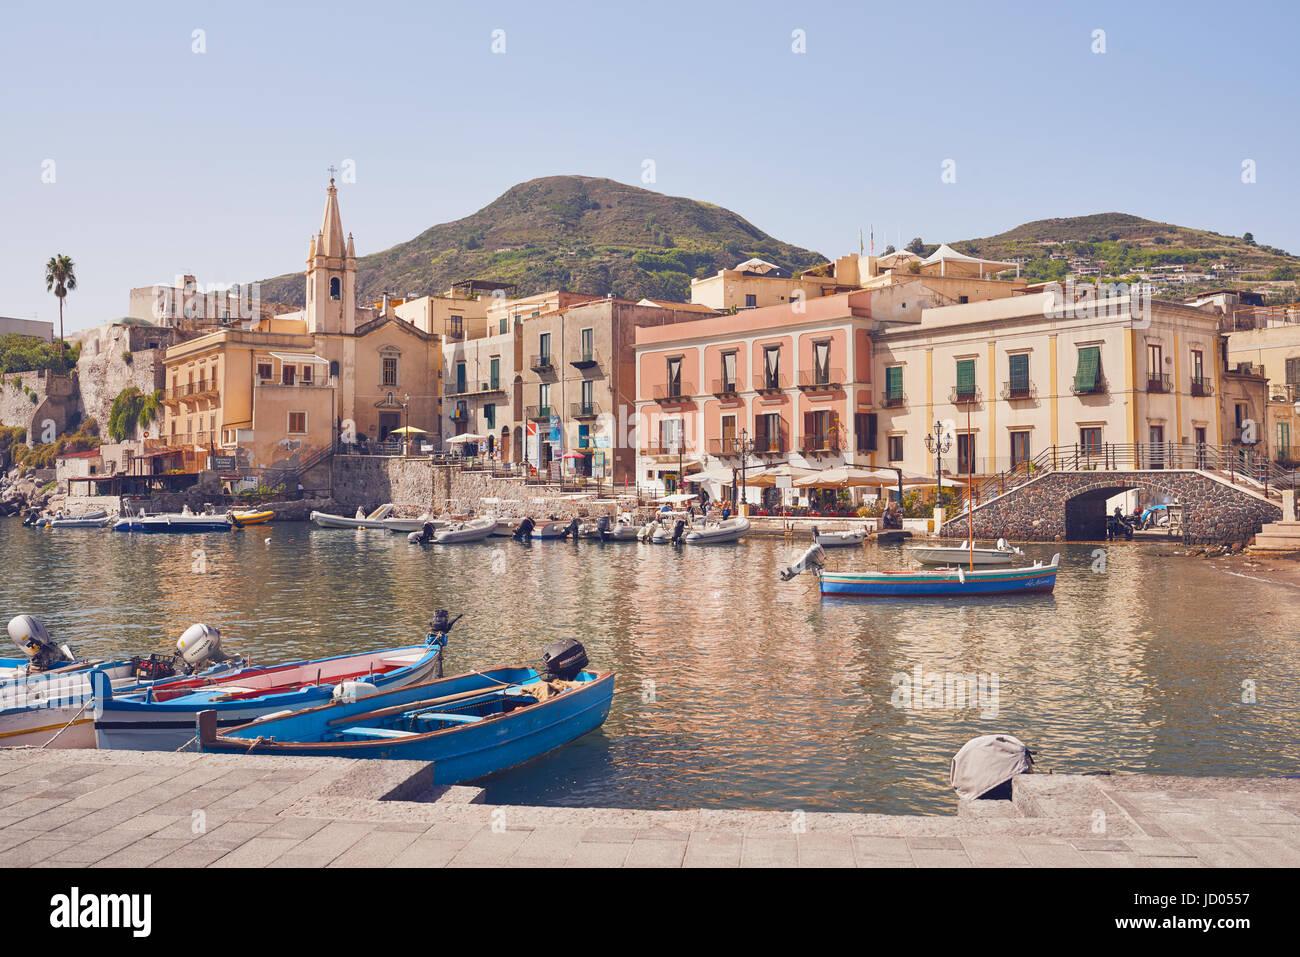 Isole Eolie - Lipari - Sicilia - Porto, chiesa in background Immagini Stock